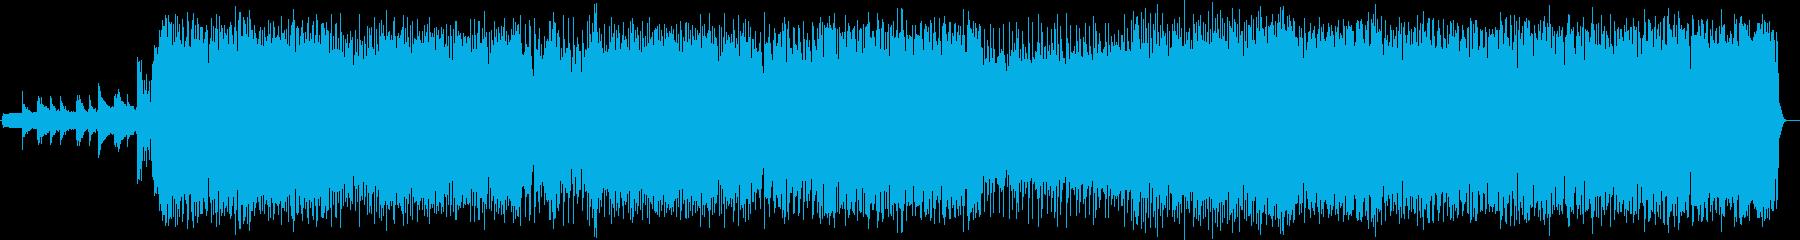 疾走感溢れるシンセが特徴のポップスの再生済みの波形